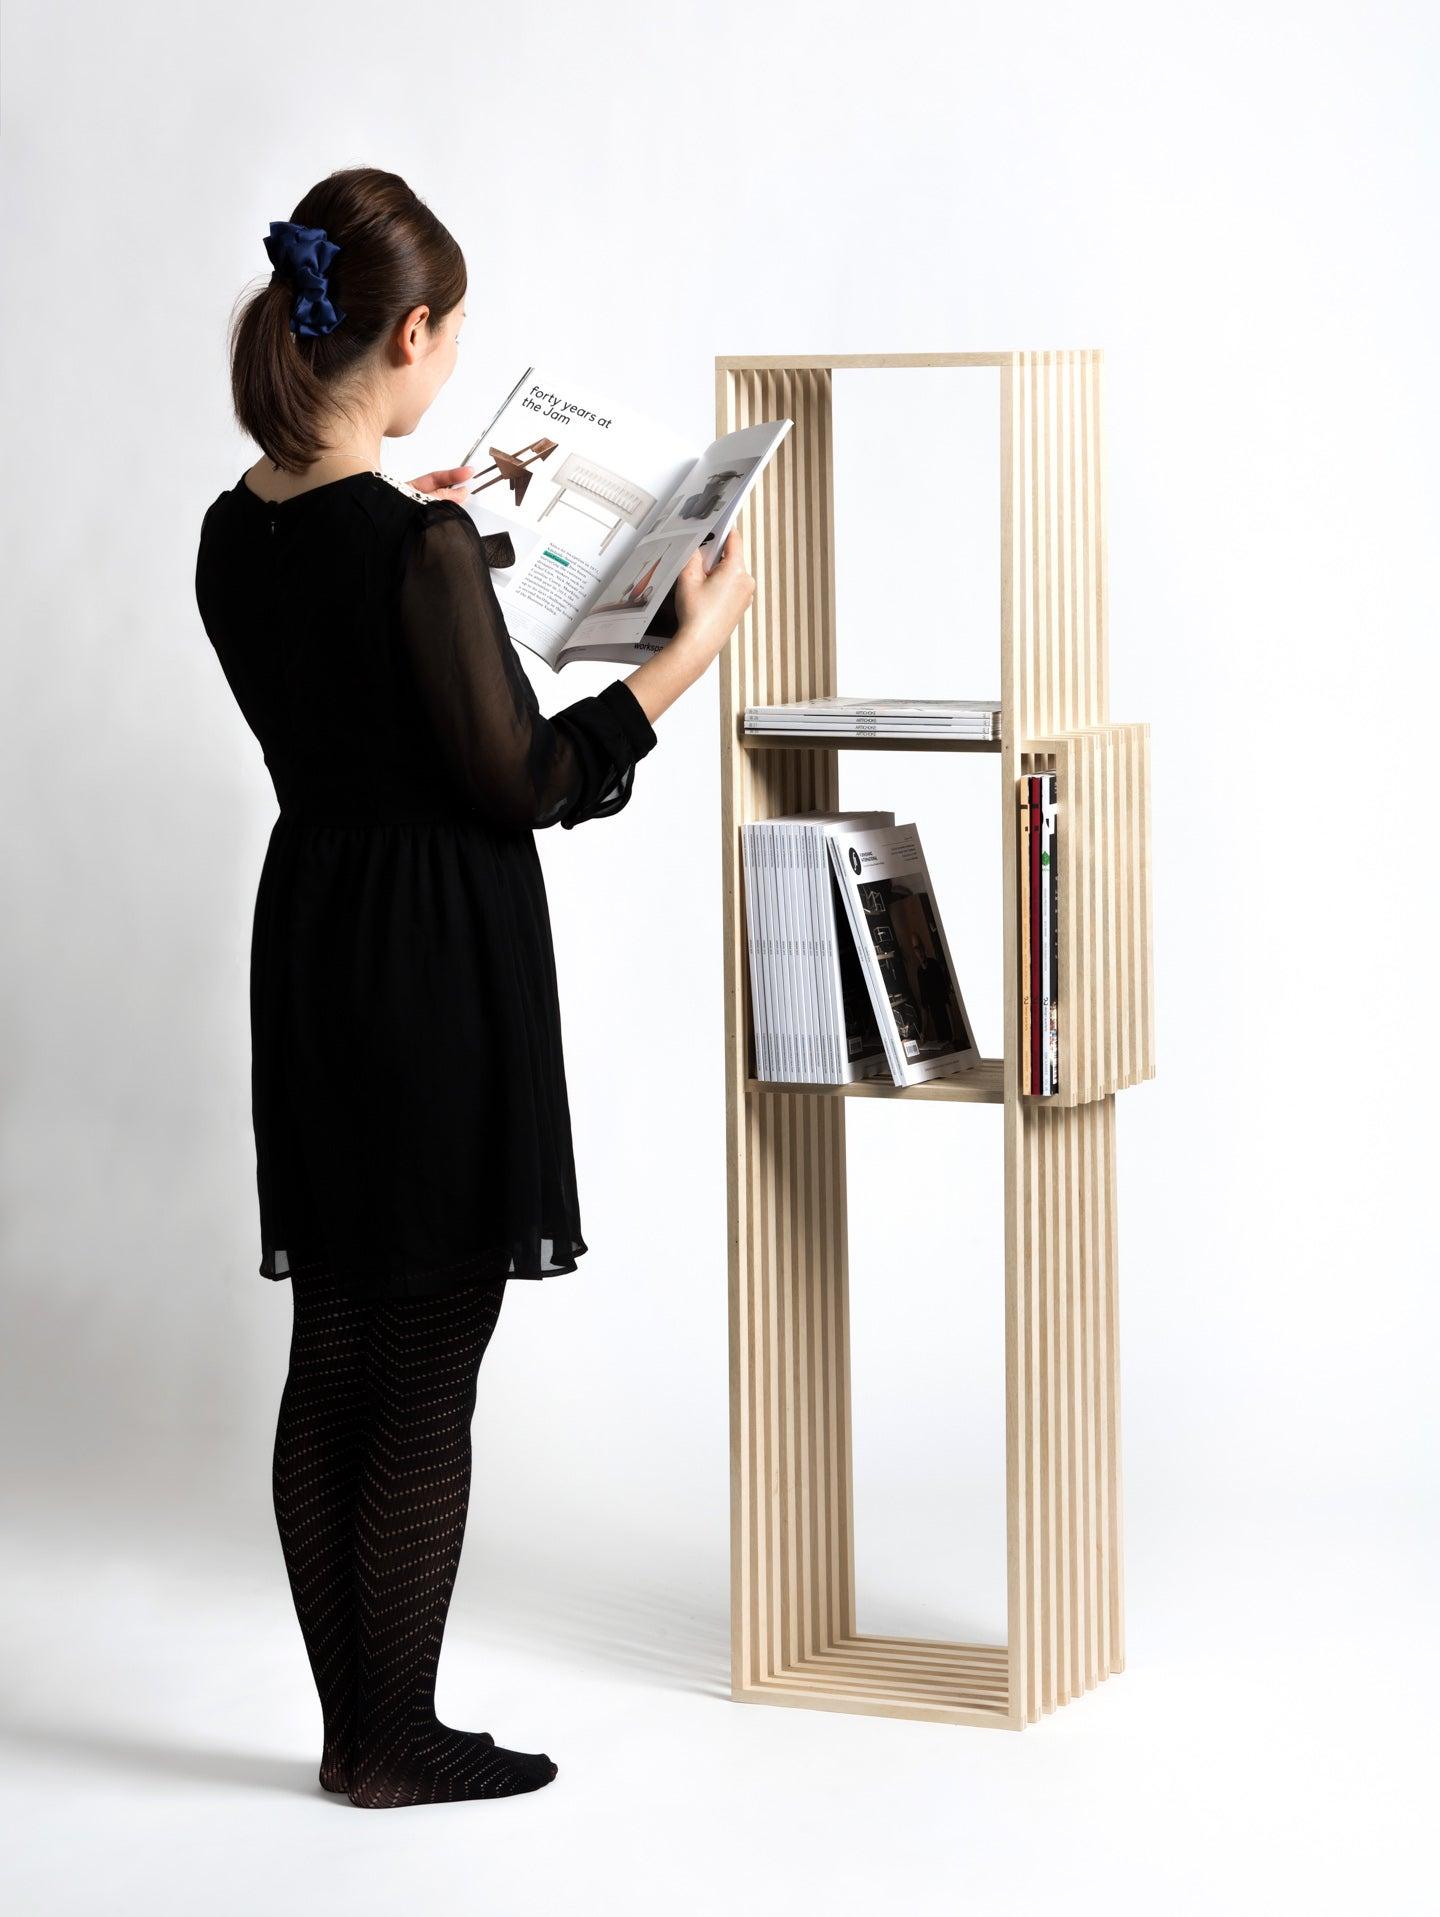 Image of Kasuri Shelf